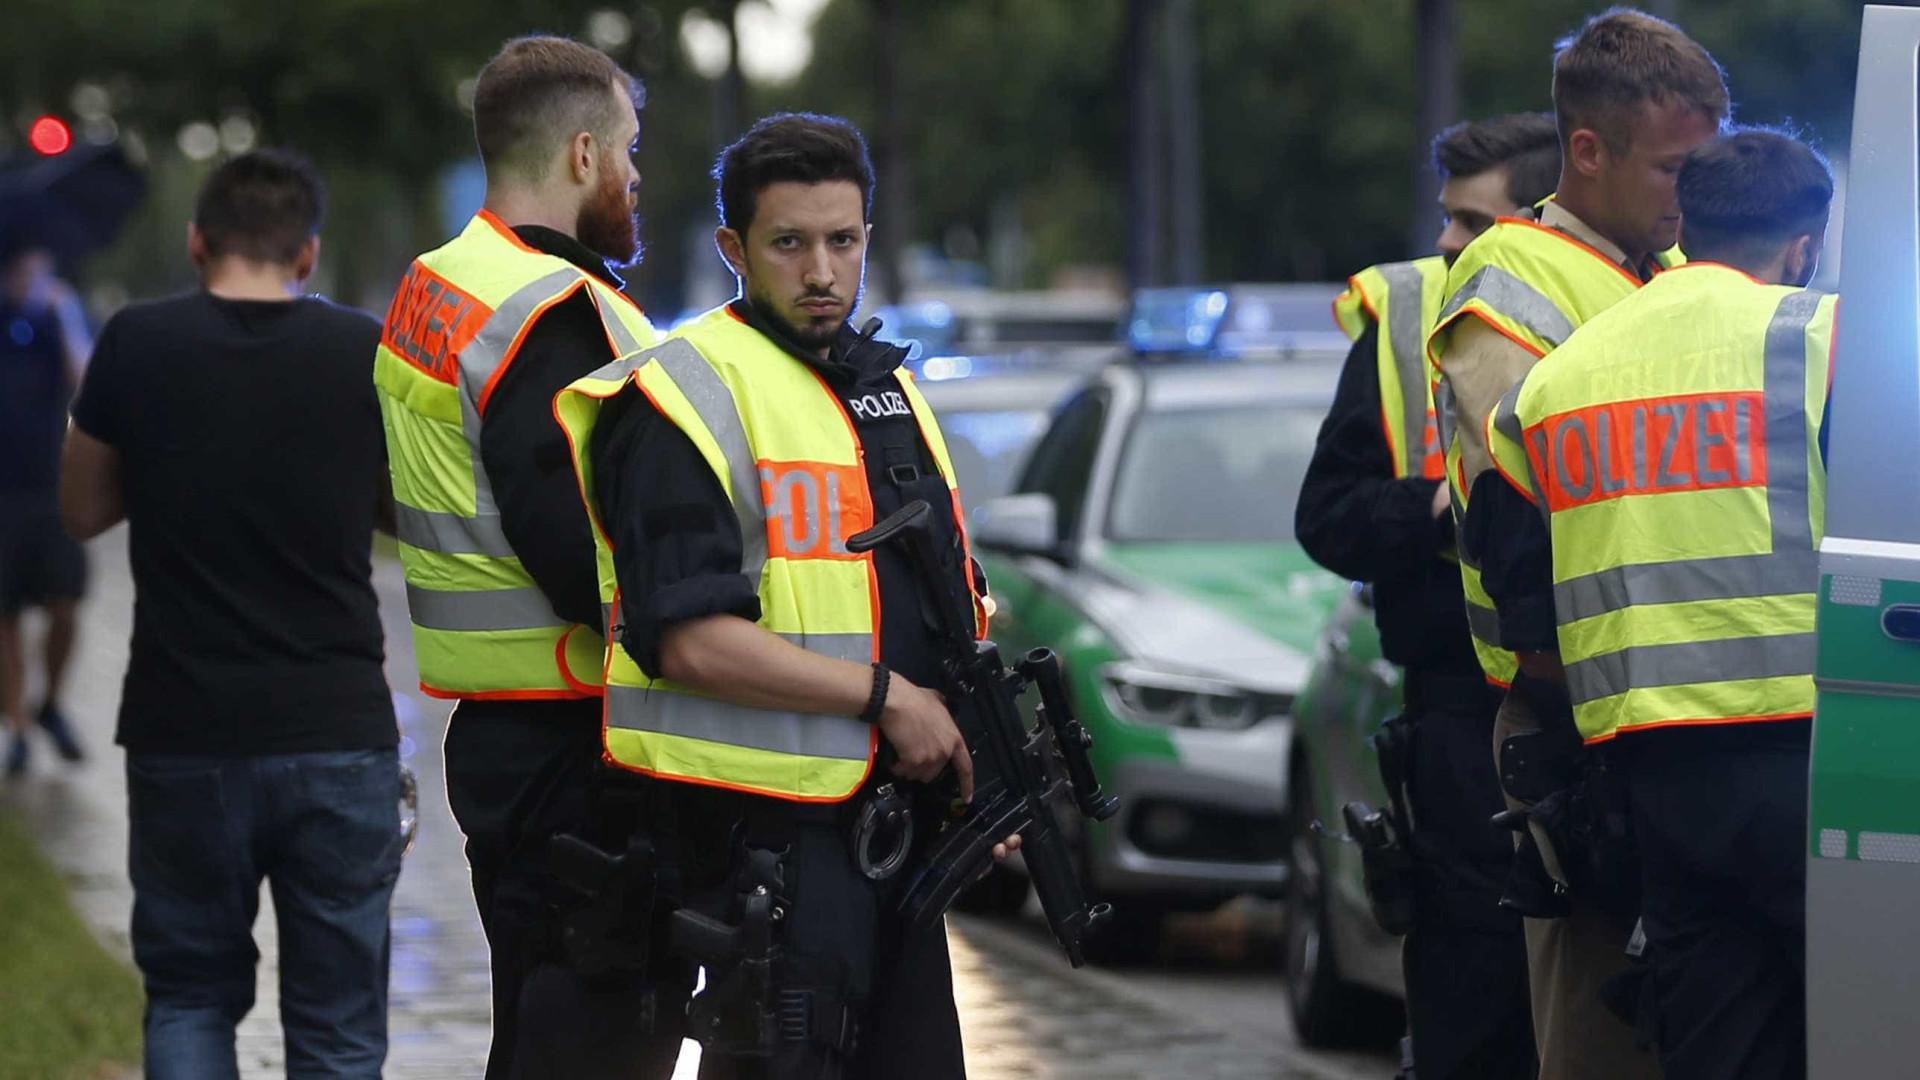 Fornecedor de arma usada em atentado condenado a sete anos de prisão